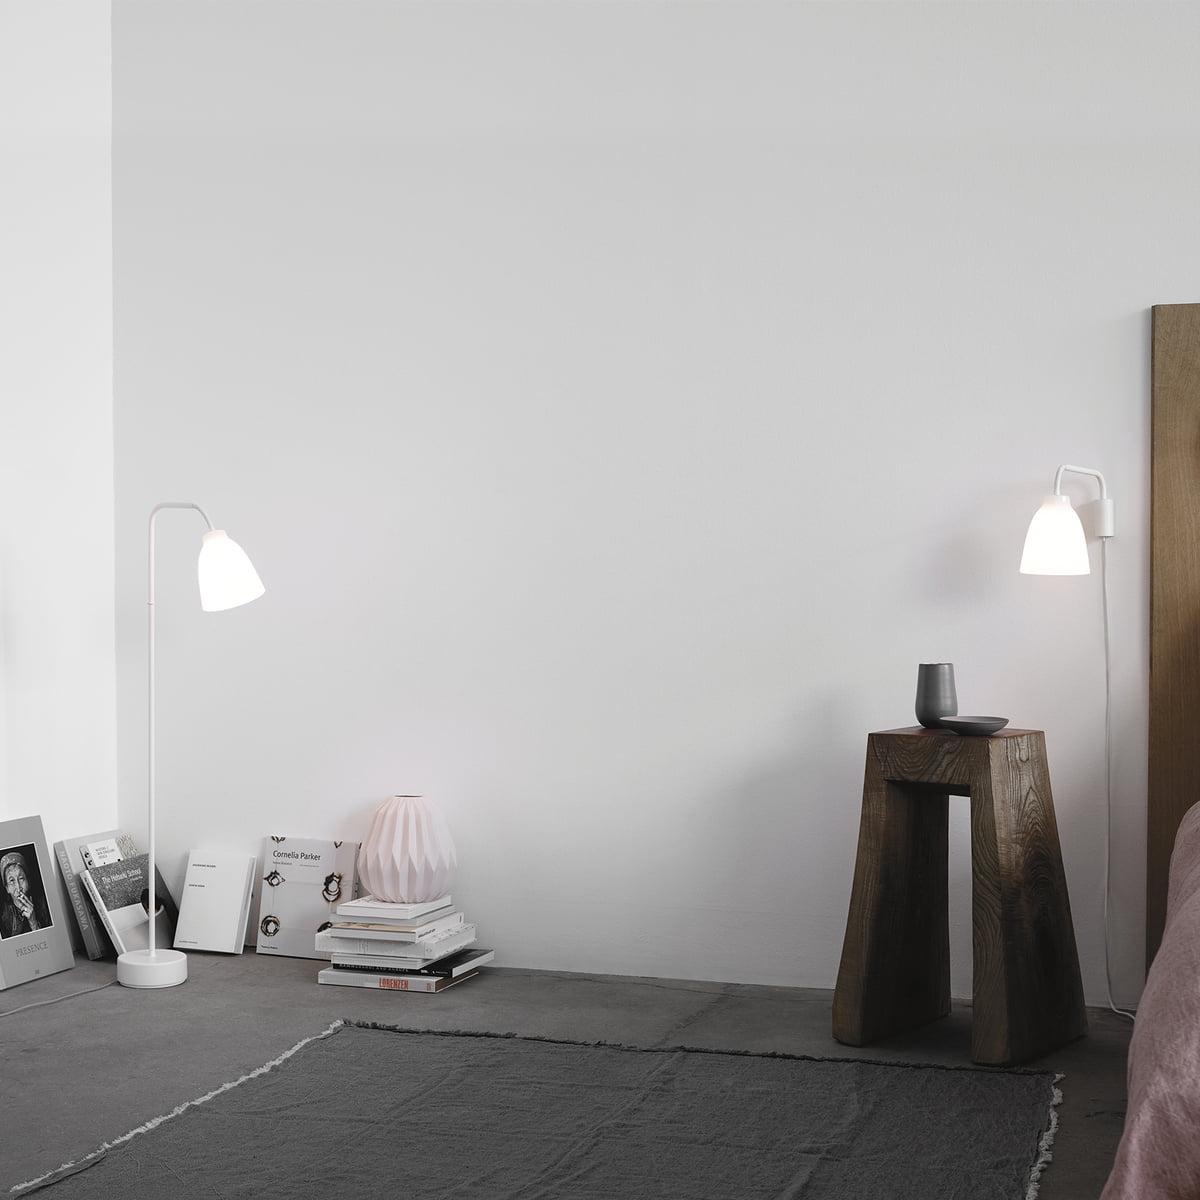 Full Size of Wandleuchte Schlafzimmer Caravaggio Read Von Fritz Hansen Connox Deckenleuchte Stehlampe Betten Komplett Günstig Stuhl Für Schrank Landhaus Kommode Schlafzimmer Wandleuchte Schlafzimmer